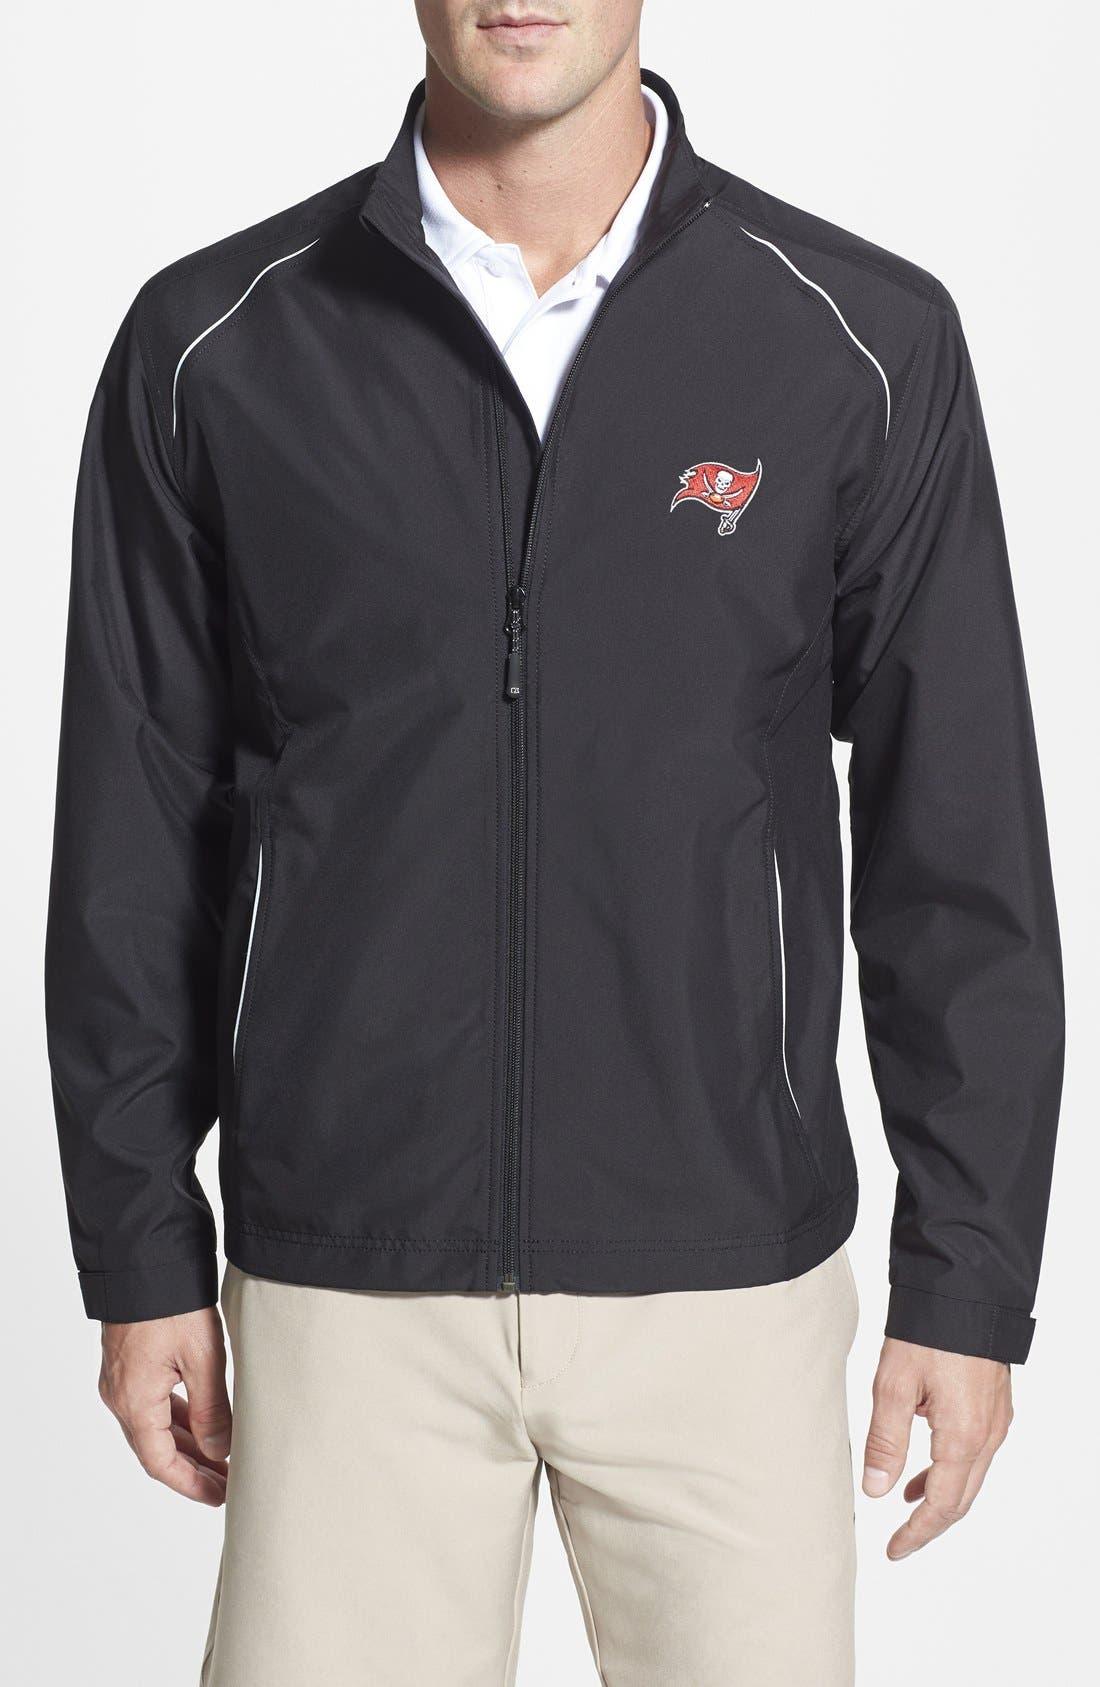 Cutter & Buck Tampa Bay Buccaneers - Beacon WeatherTec Wind & Water Resistant Jacket